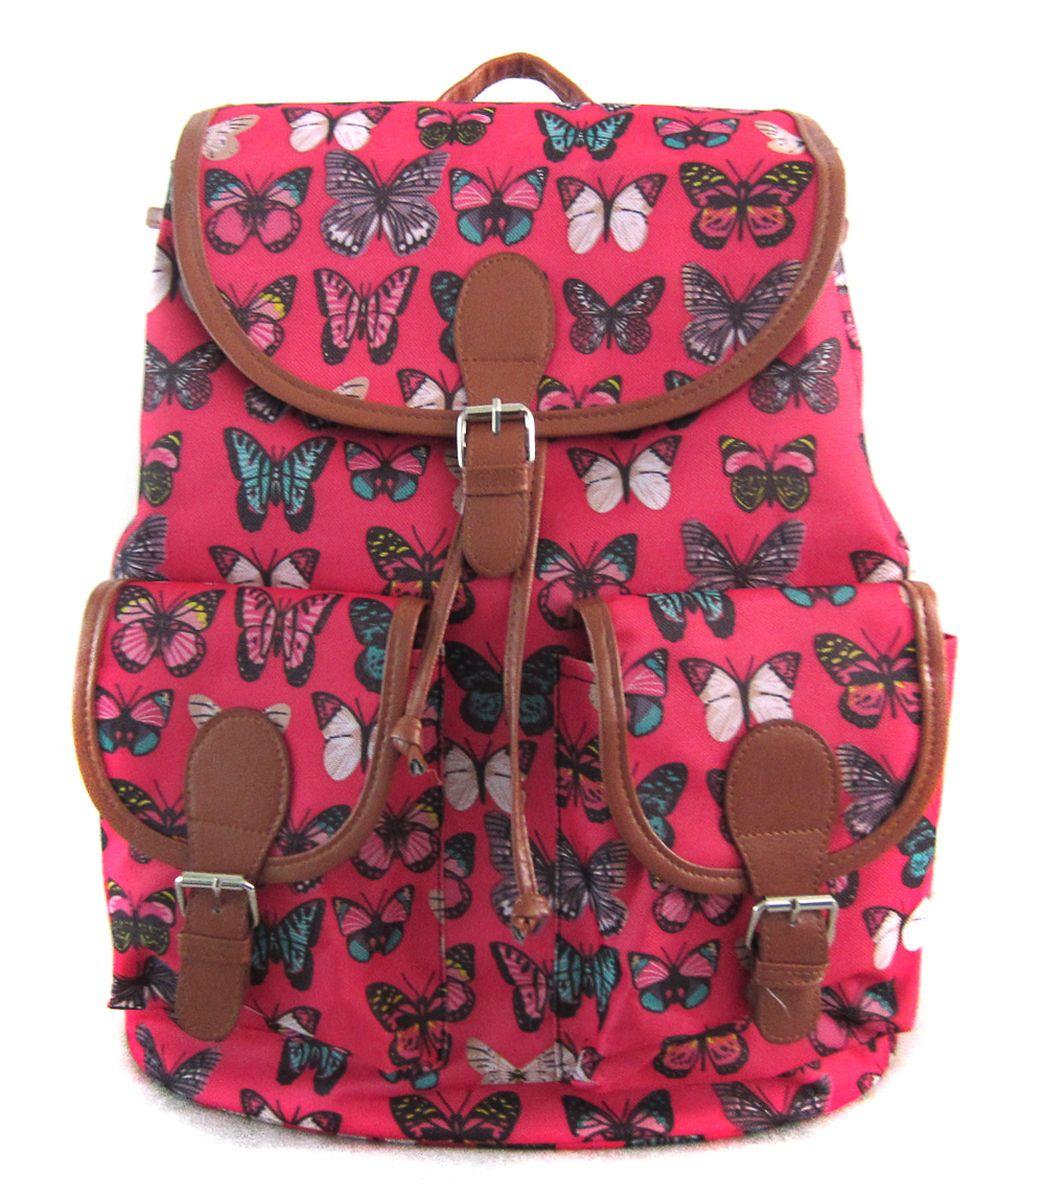 Рюкзак молодежный Creative Махаоны, цвет: розовый, 23 лGL-BC866Оптимальный выбор для тех, кто придерживается романтичного и женственного стиля, но ценит удобство и комфорт во всем! Рюкзак из плотной экологичной ткани, с удобной застежкой-клапаном, двумя карманами впереди и маленьким внутренним кармашком – любимая молодежная модель во всем мире!